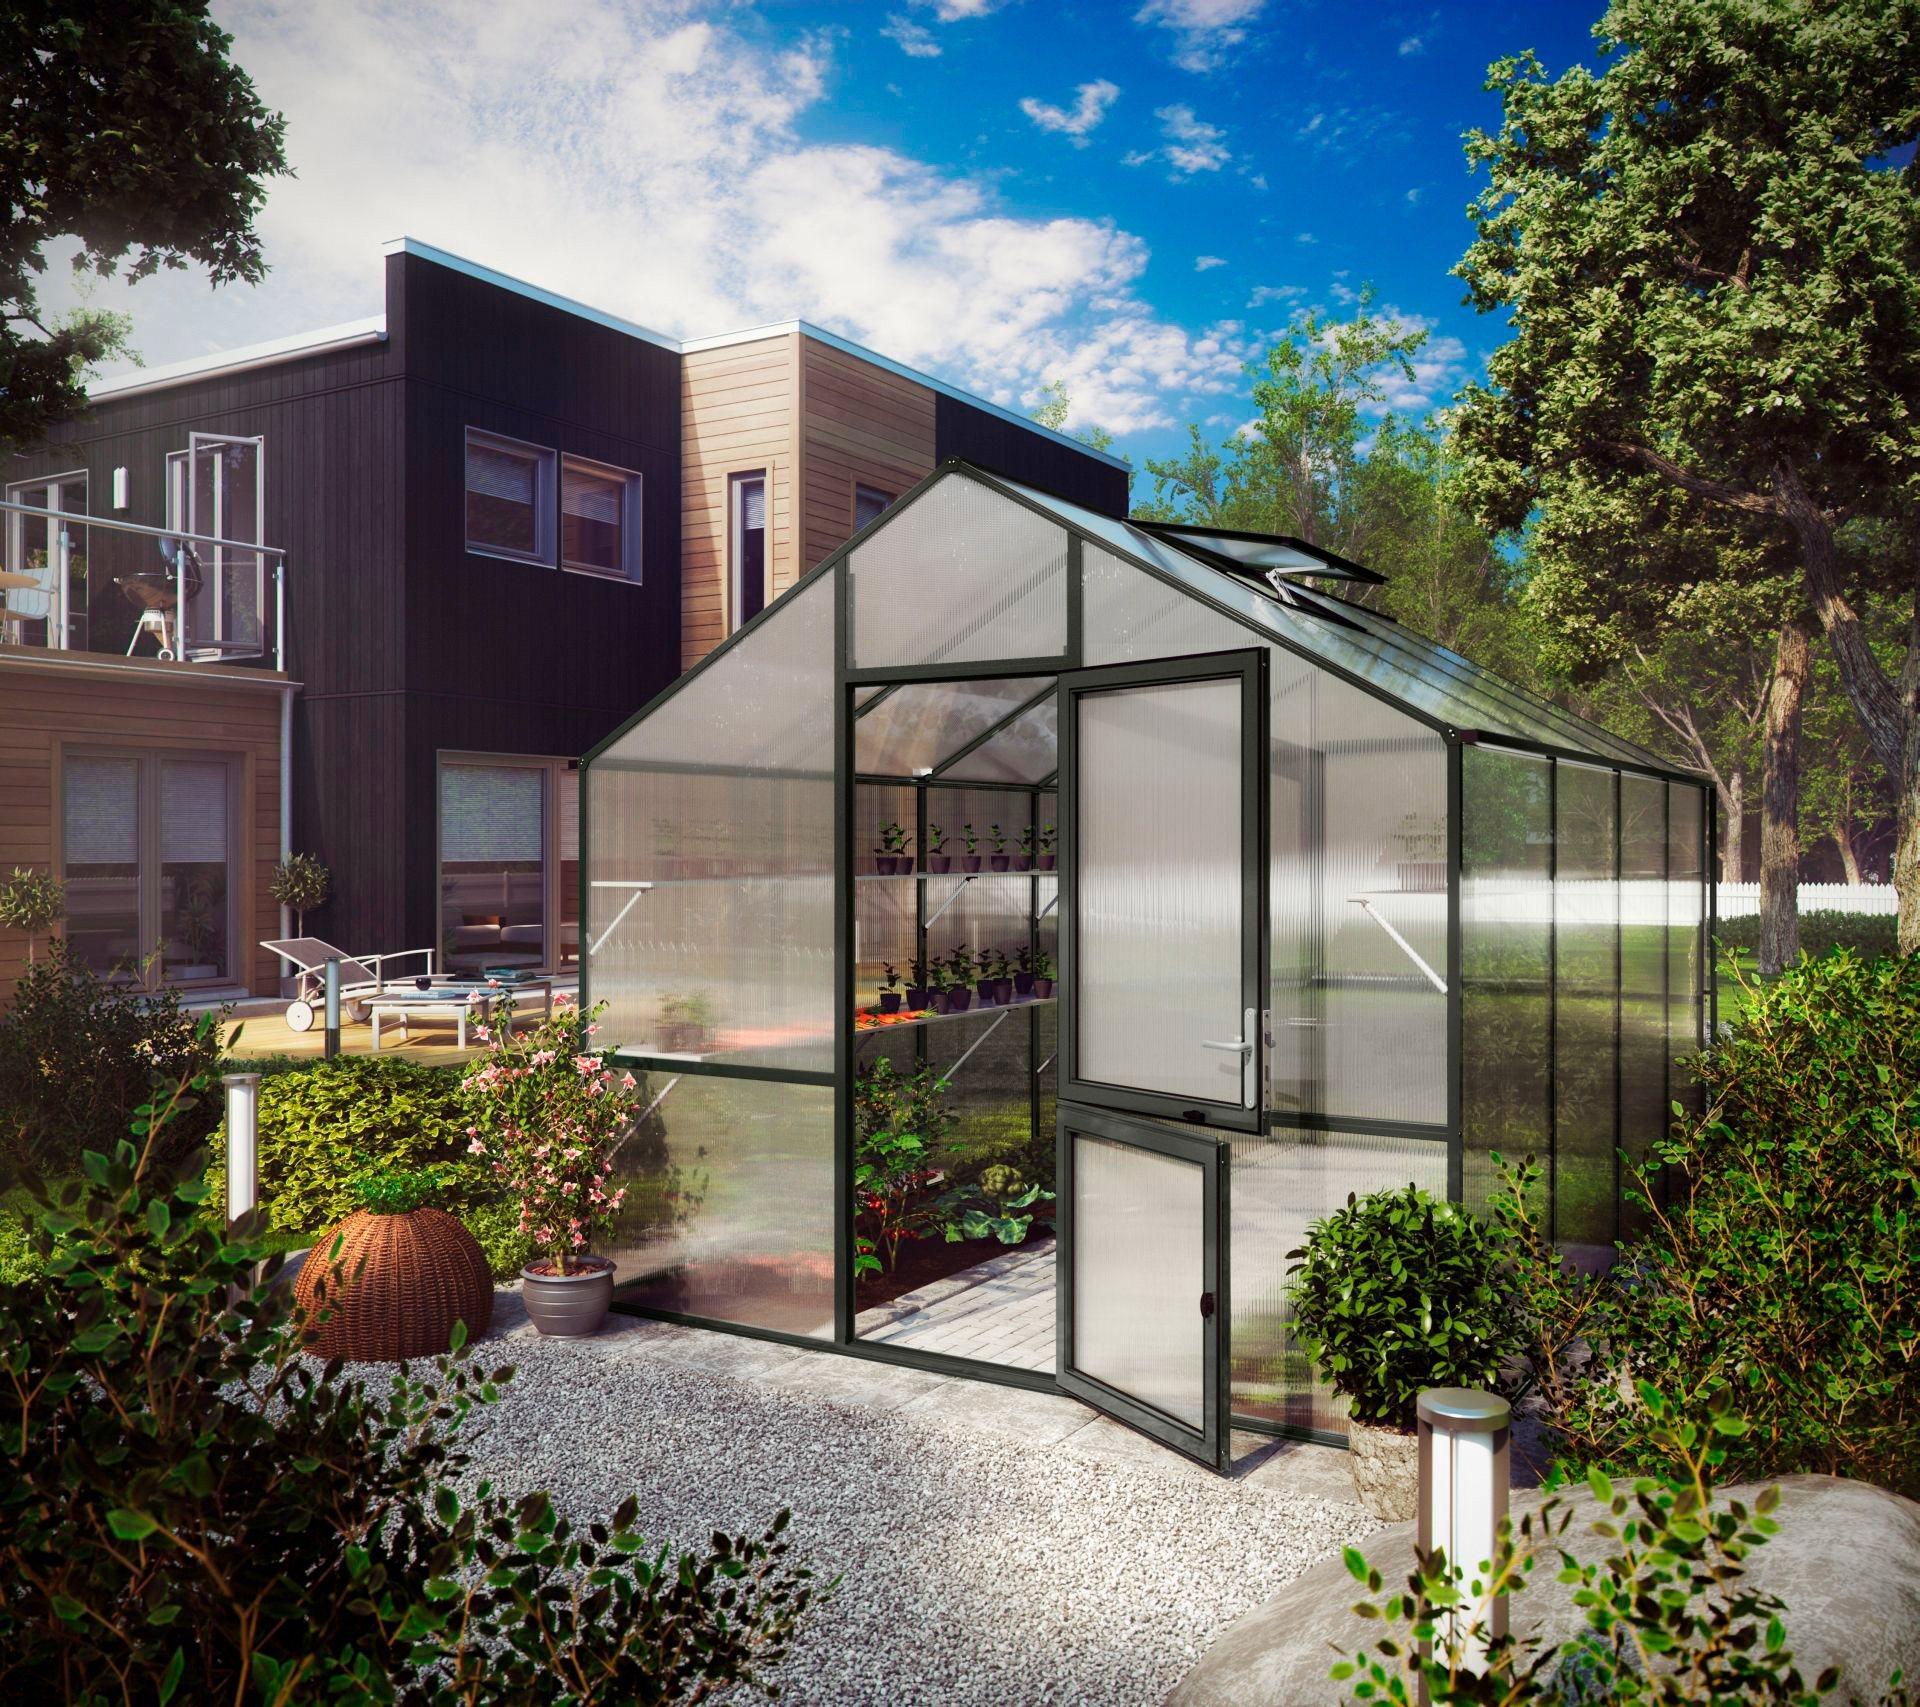 KGT Gewächshaus »Lilie IV«, BxTxH: 297x429x268 cm, anthrazit, inkl. Regenrinne | Garten > Gewächshäuser | KGT